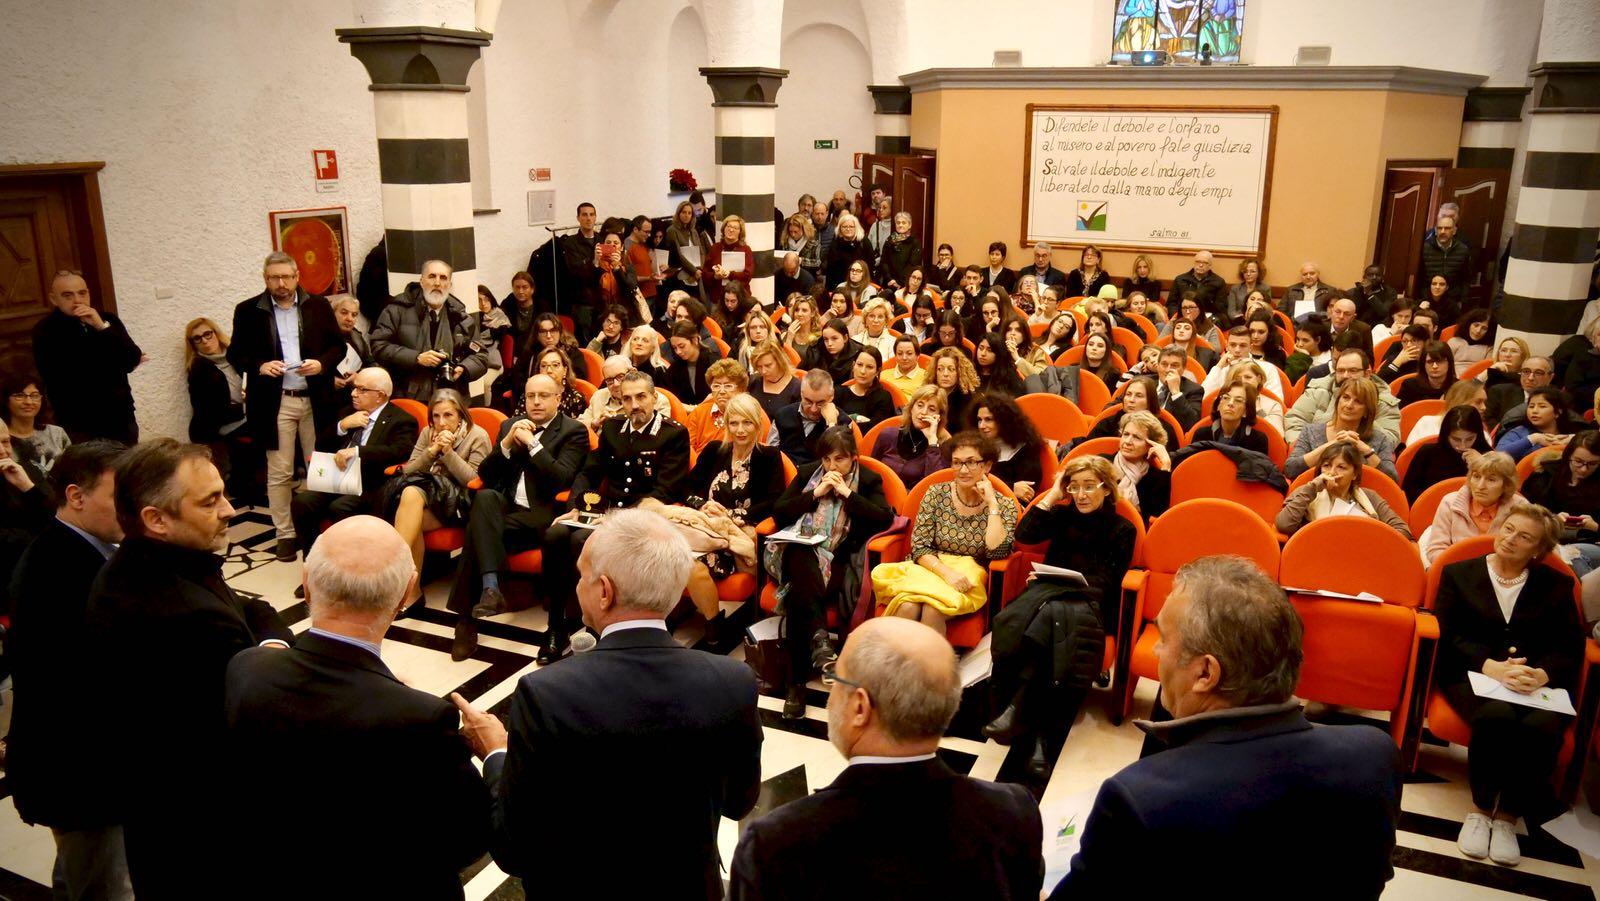 Convegno 20° anniversario Centro Benedetto Acquarone 2019.11.29 09